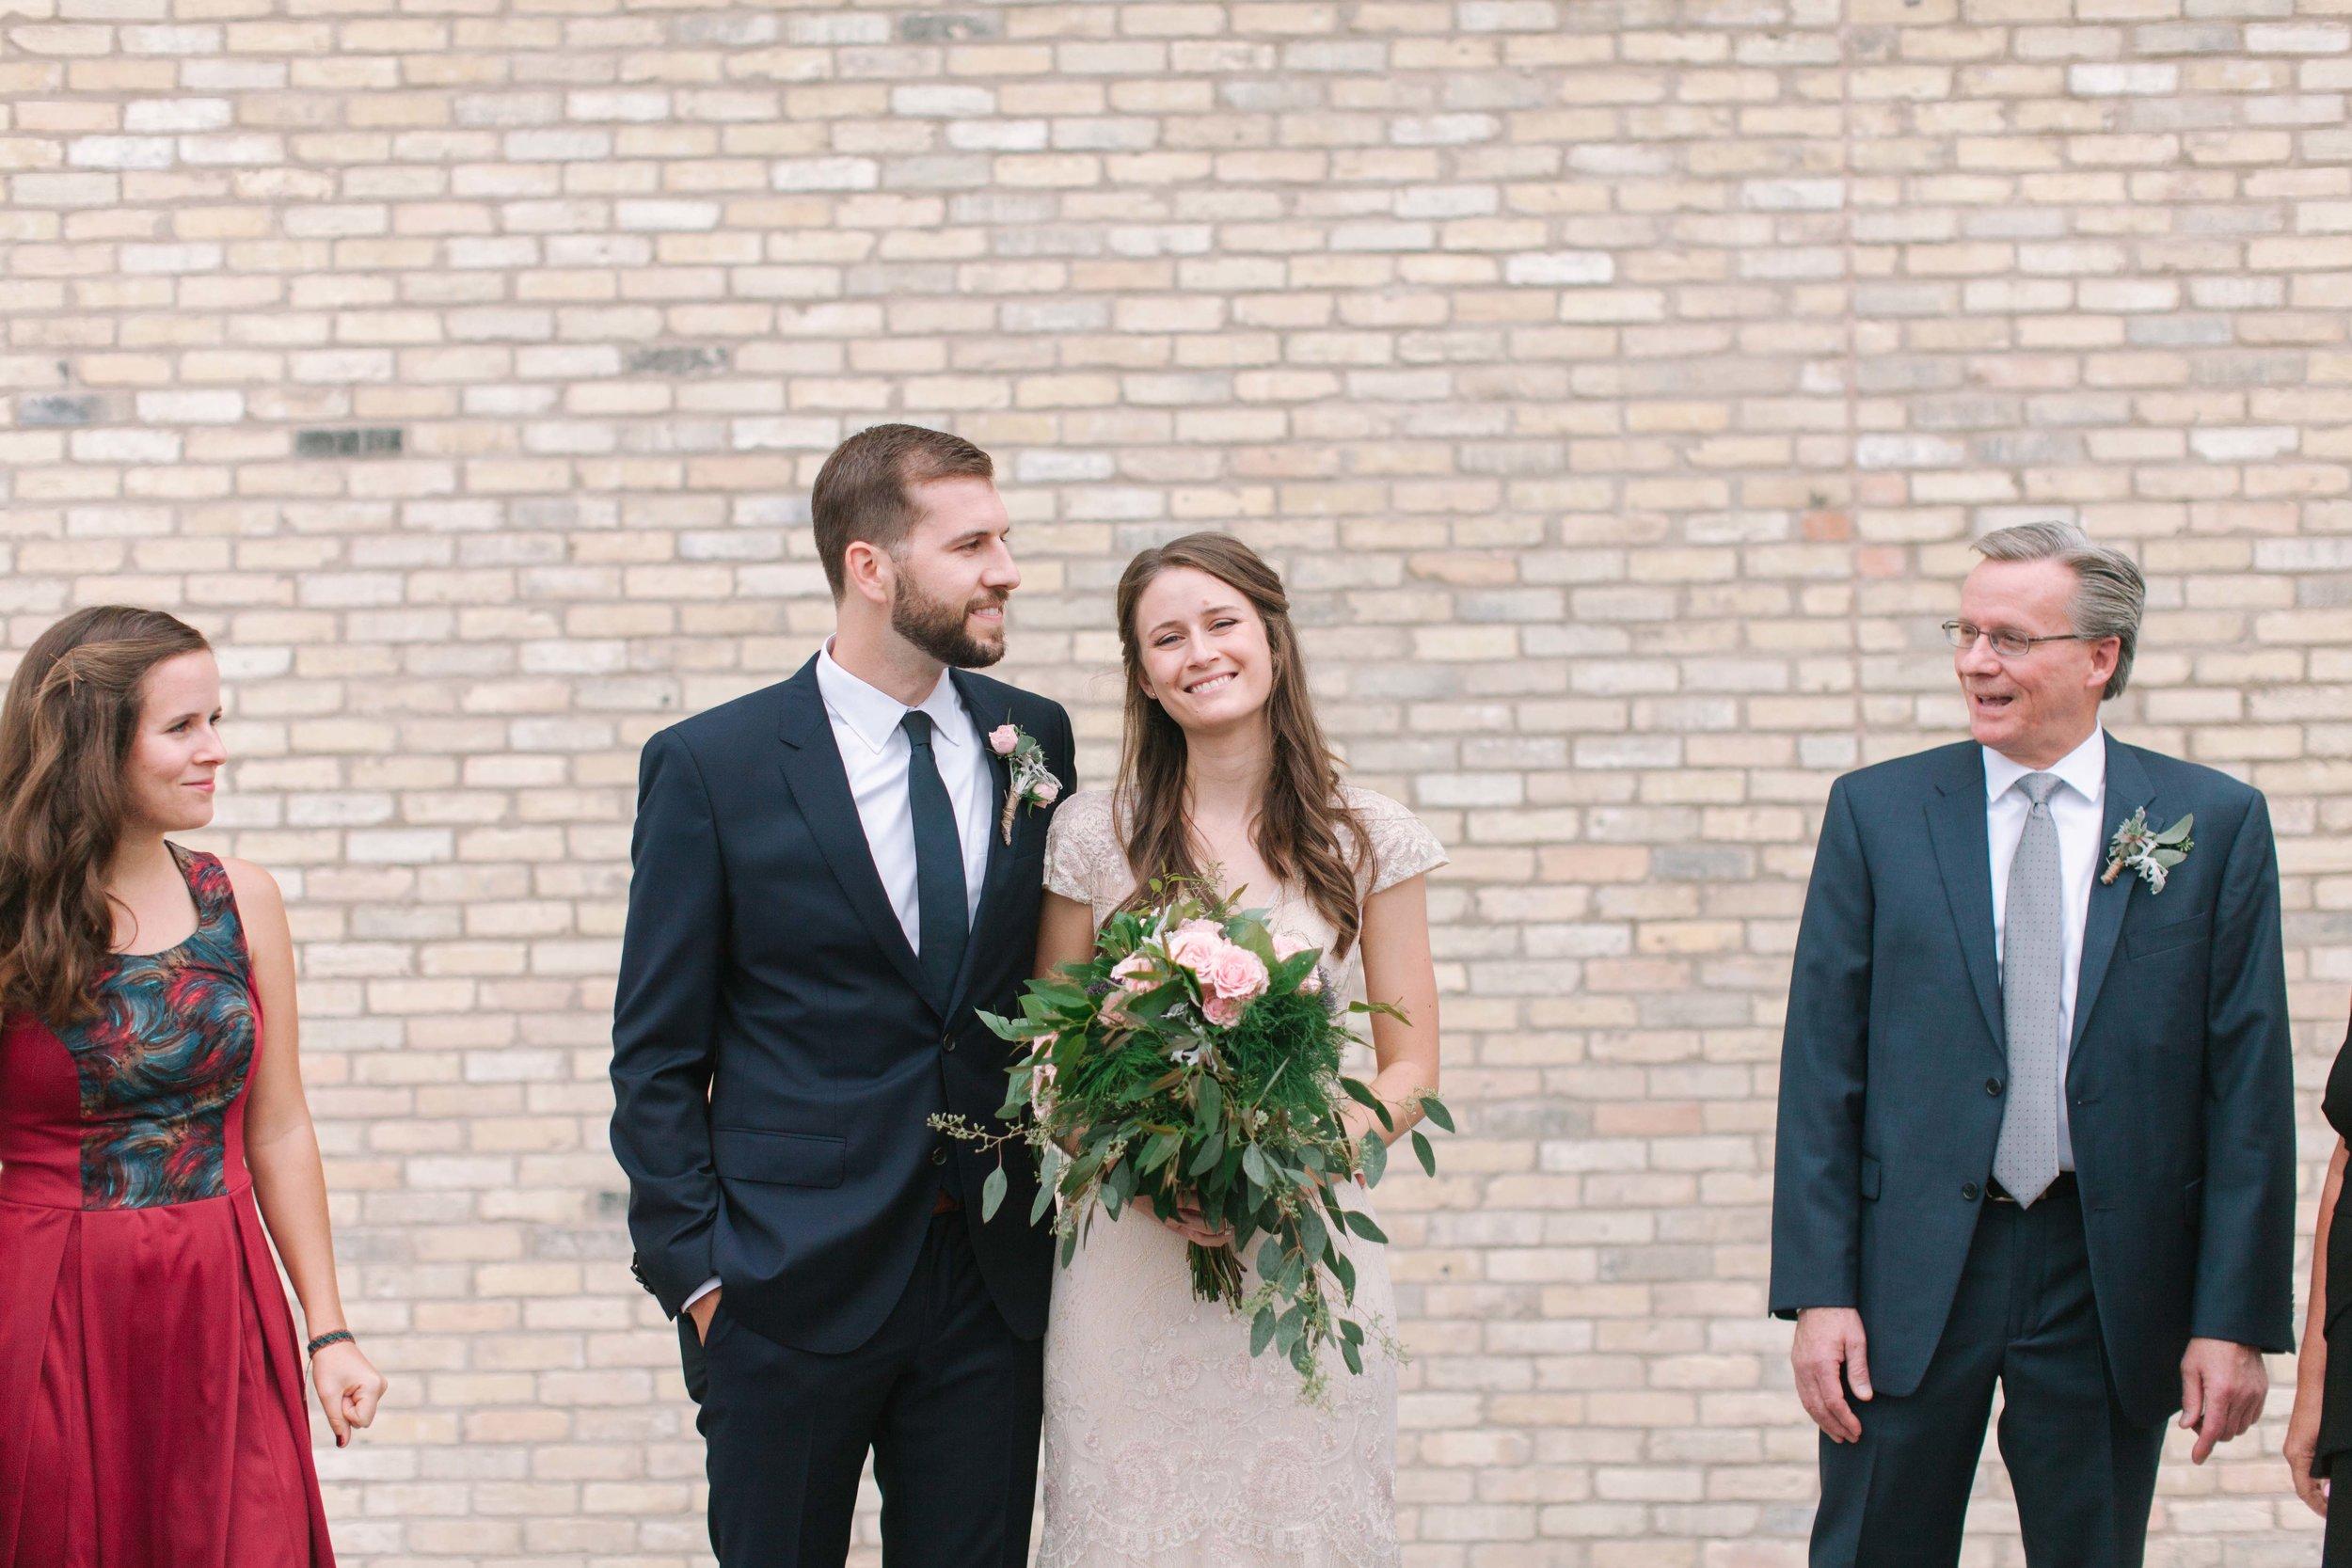 kateweinsteinphoto_clairewillie_wedding-368.jpg